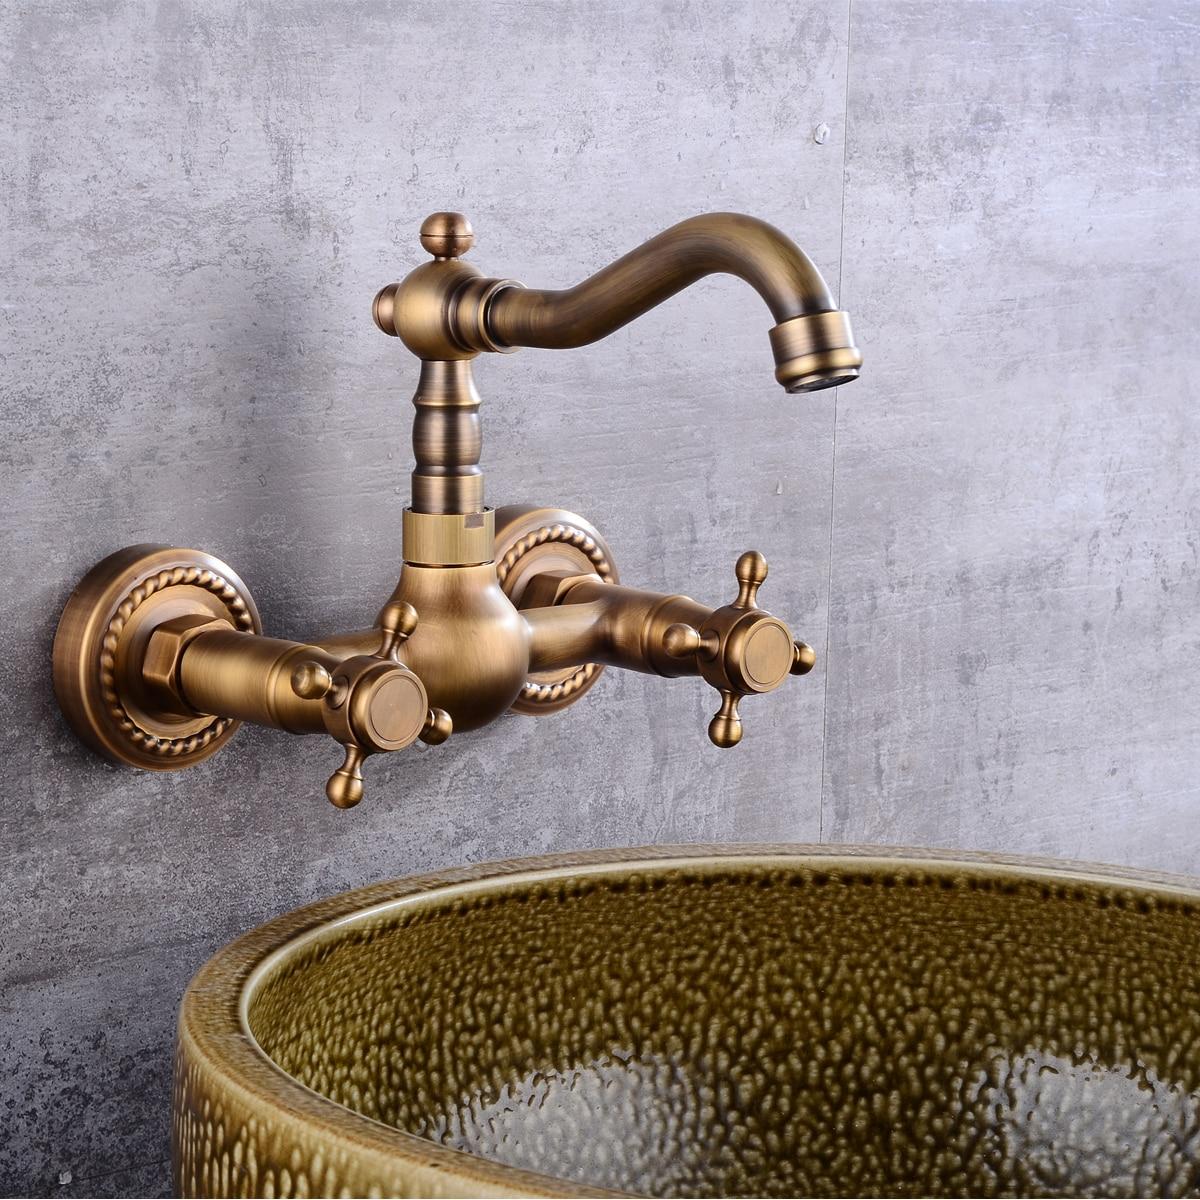 Laiton Antique 360Rotation cuisine évier robinet Torneira mur monté grue Double poignée salle de bains bassin mélangeur robinet froid et chaud